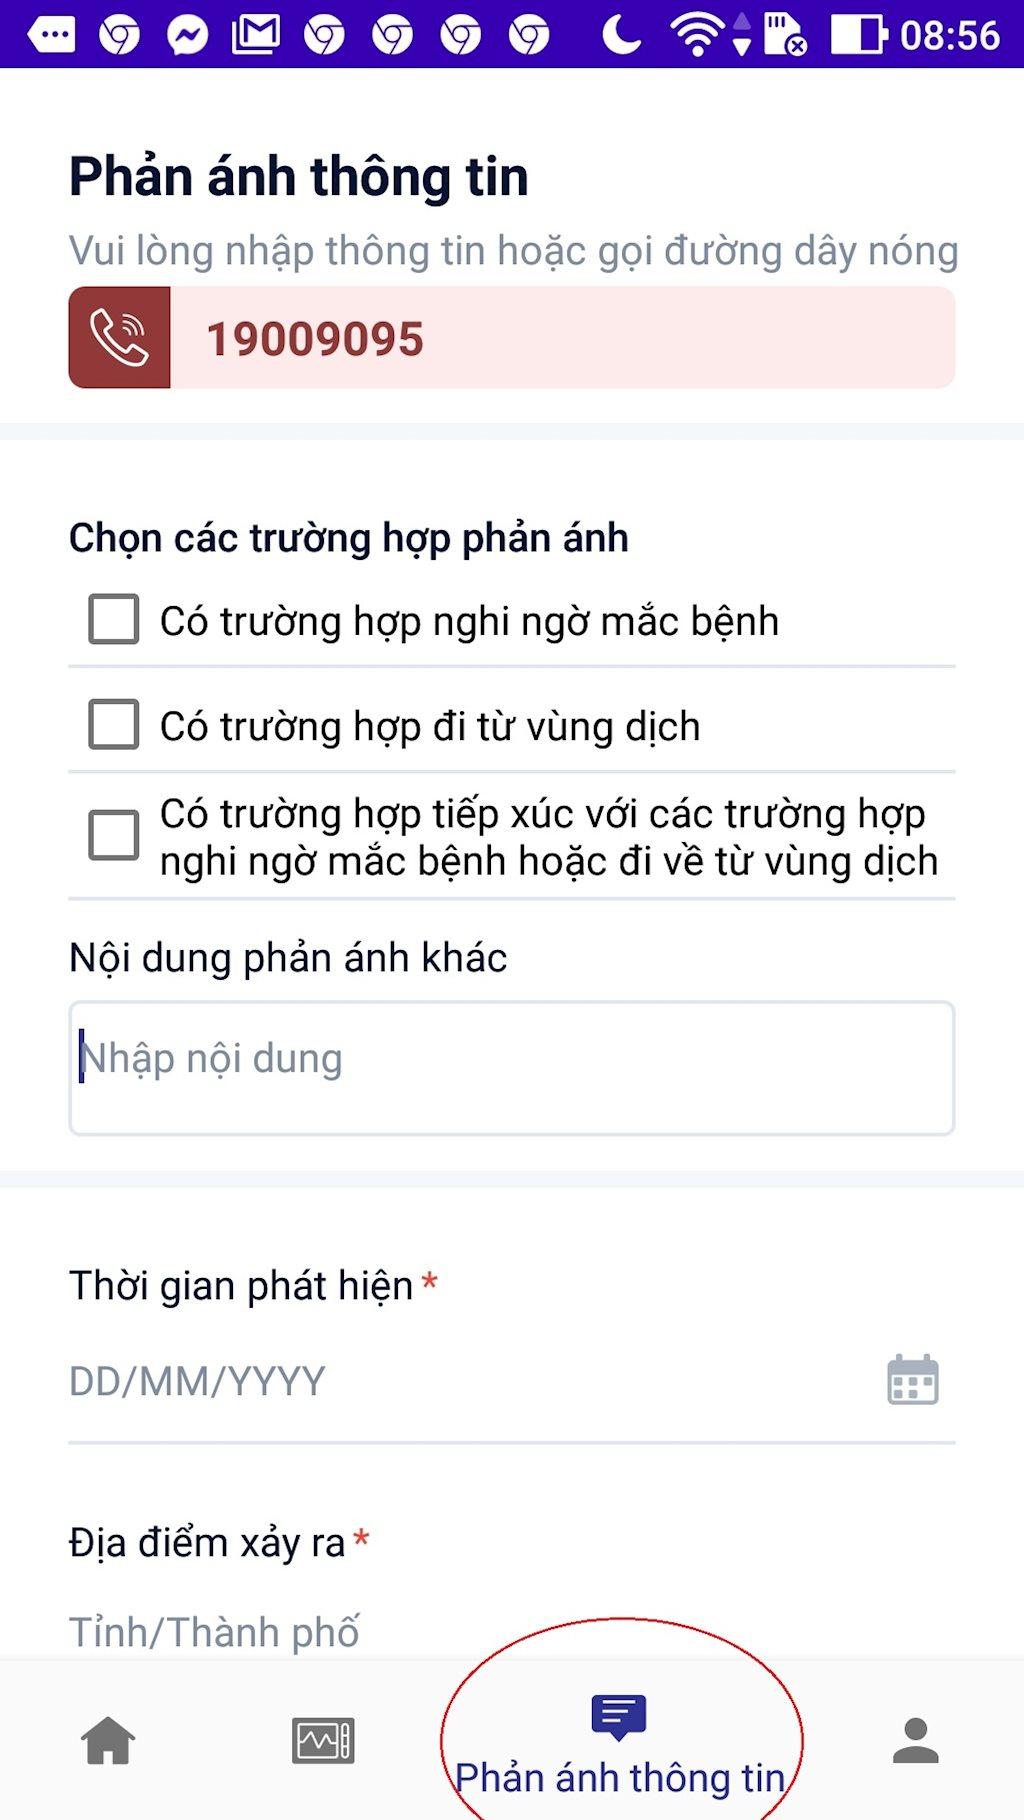 b8-huong-dan-khai-bao-y-te-toan-dan-nhu-the-nao-khai-bao-suc-khoe-toan-dan-online-dien-tu-screenshot_20200310-085623.jpg